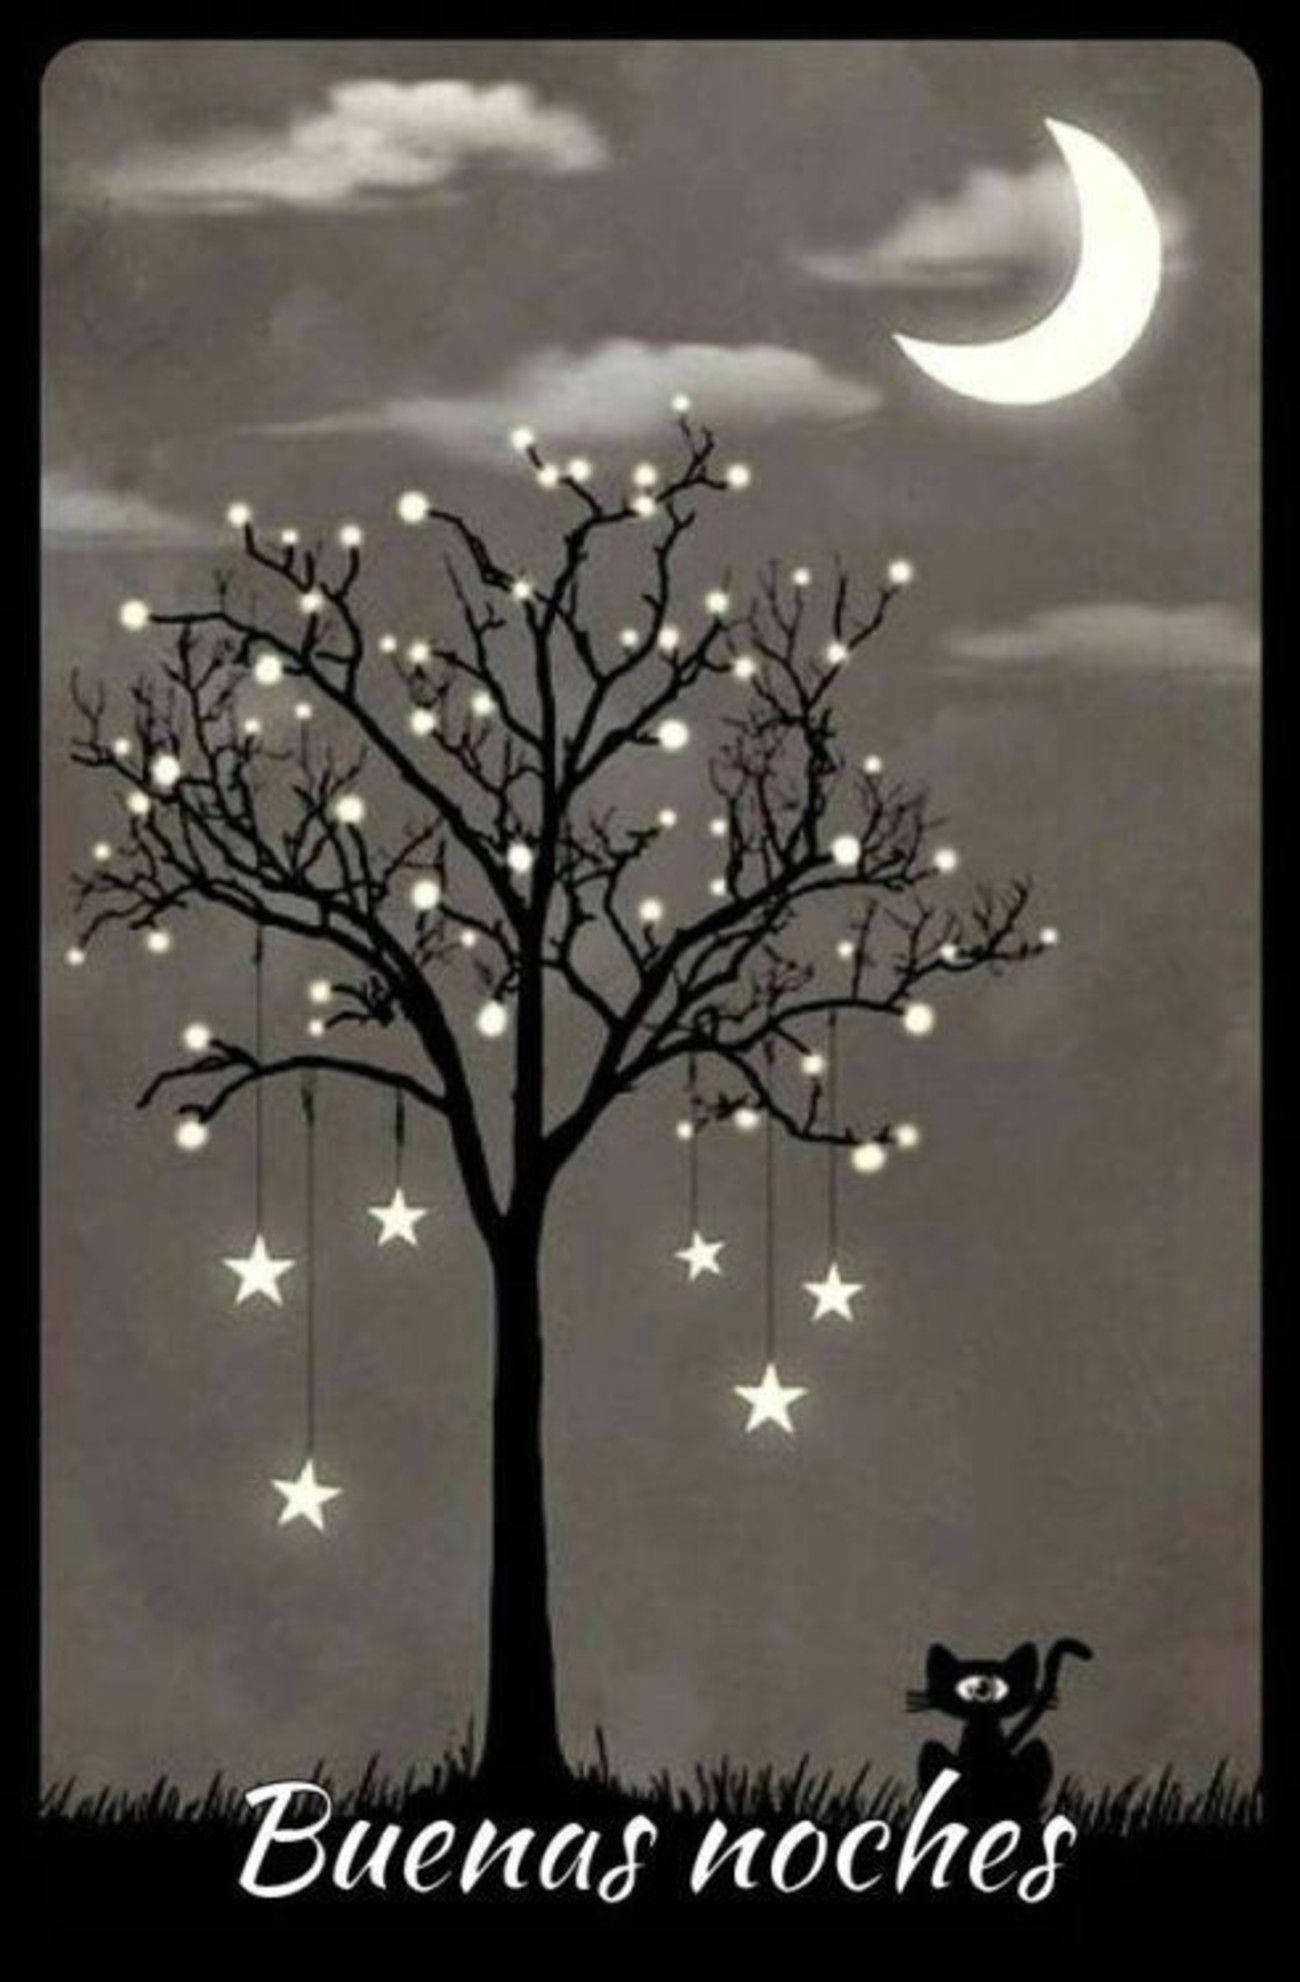 Buenas Noches imagenes Pinterest | Postales de buenas noches, Buenas noches,  Fotos buenas noches